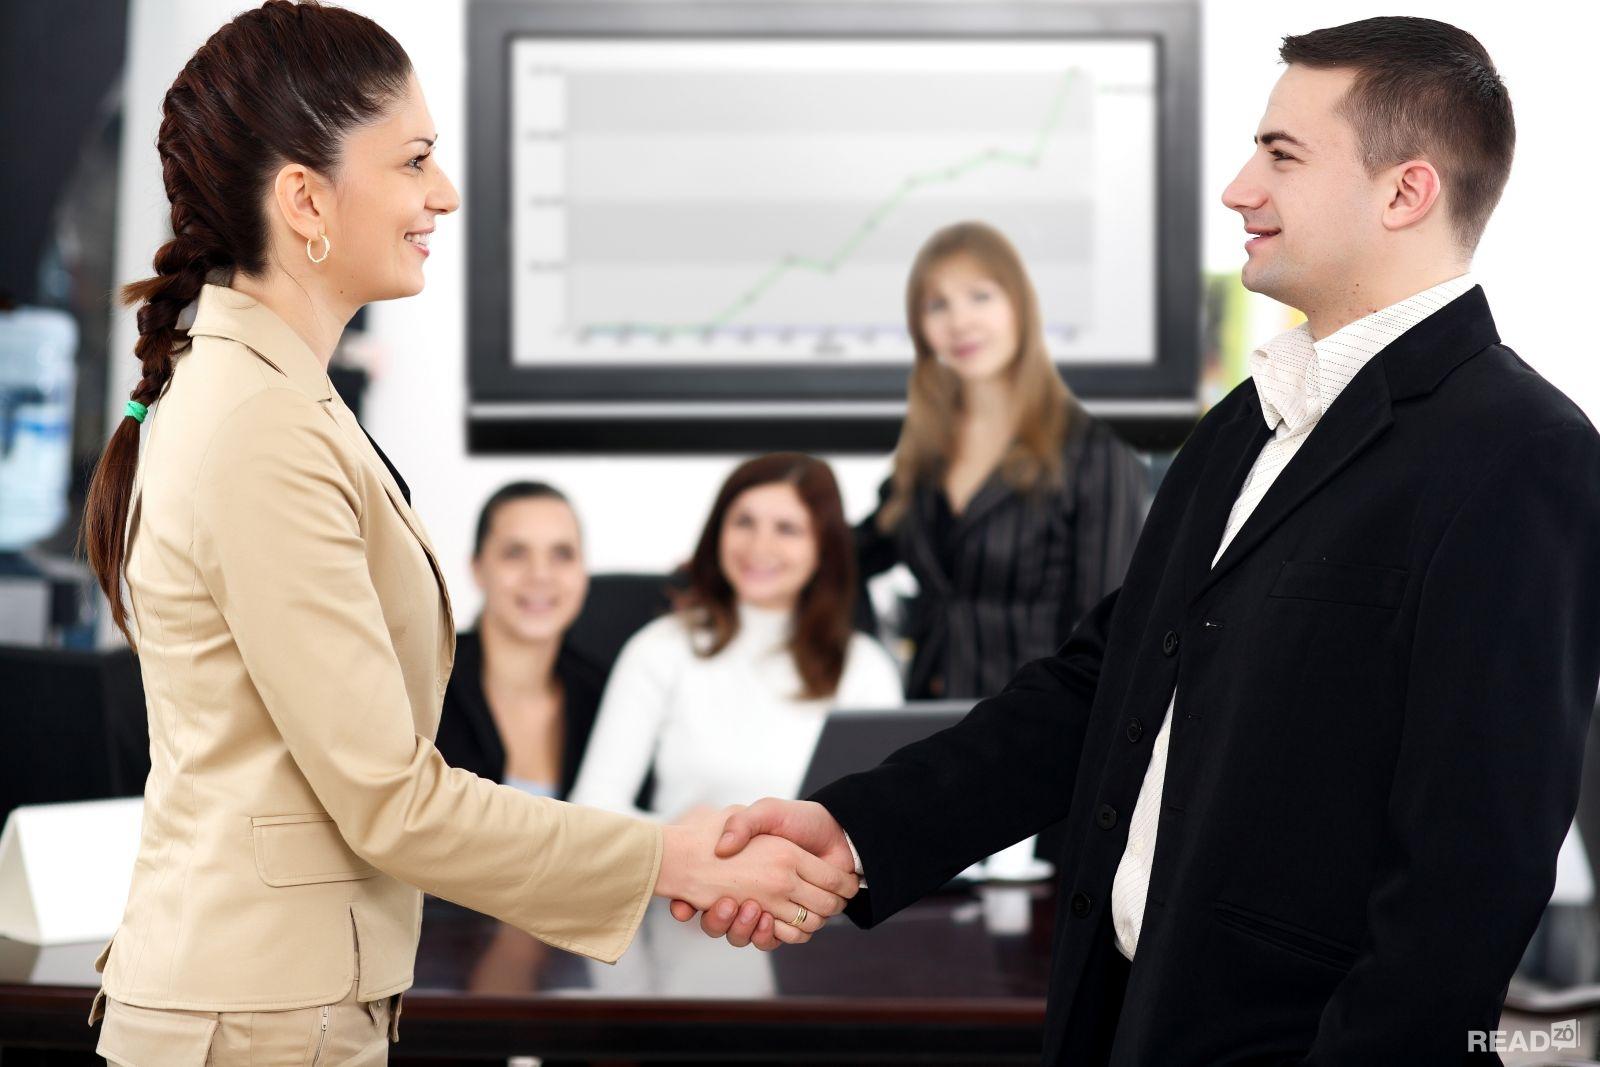 Sales chuyên nghiệp, Sales, Người bán hàng chuyên nghiệp, Tối ưu hóa, Giá trị sản phẩm, Kỹ năng bán hàng